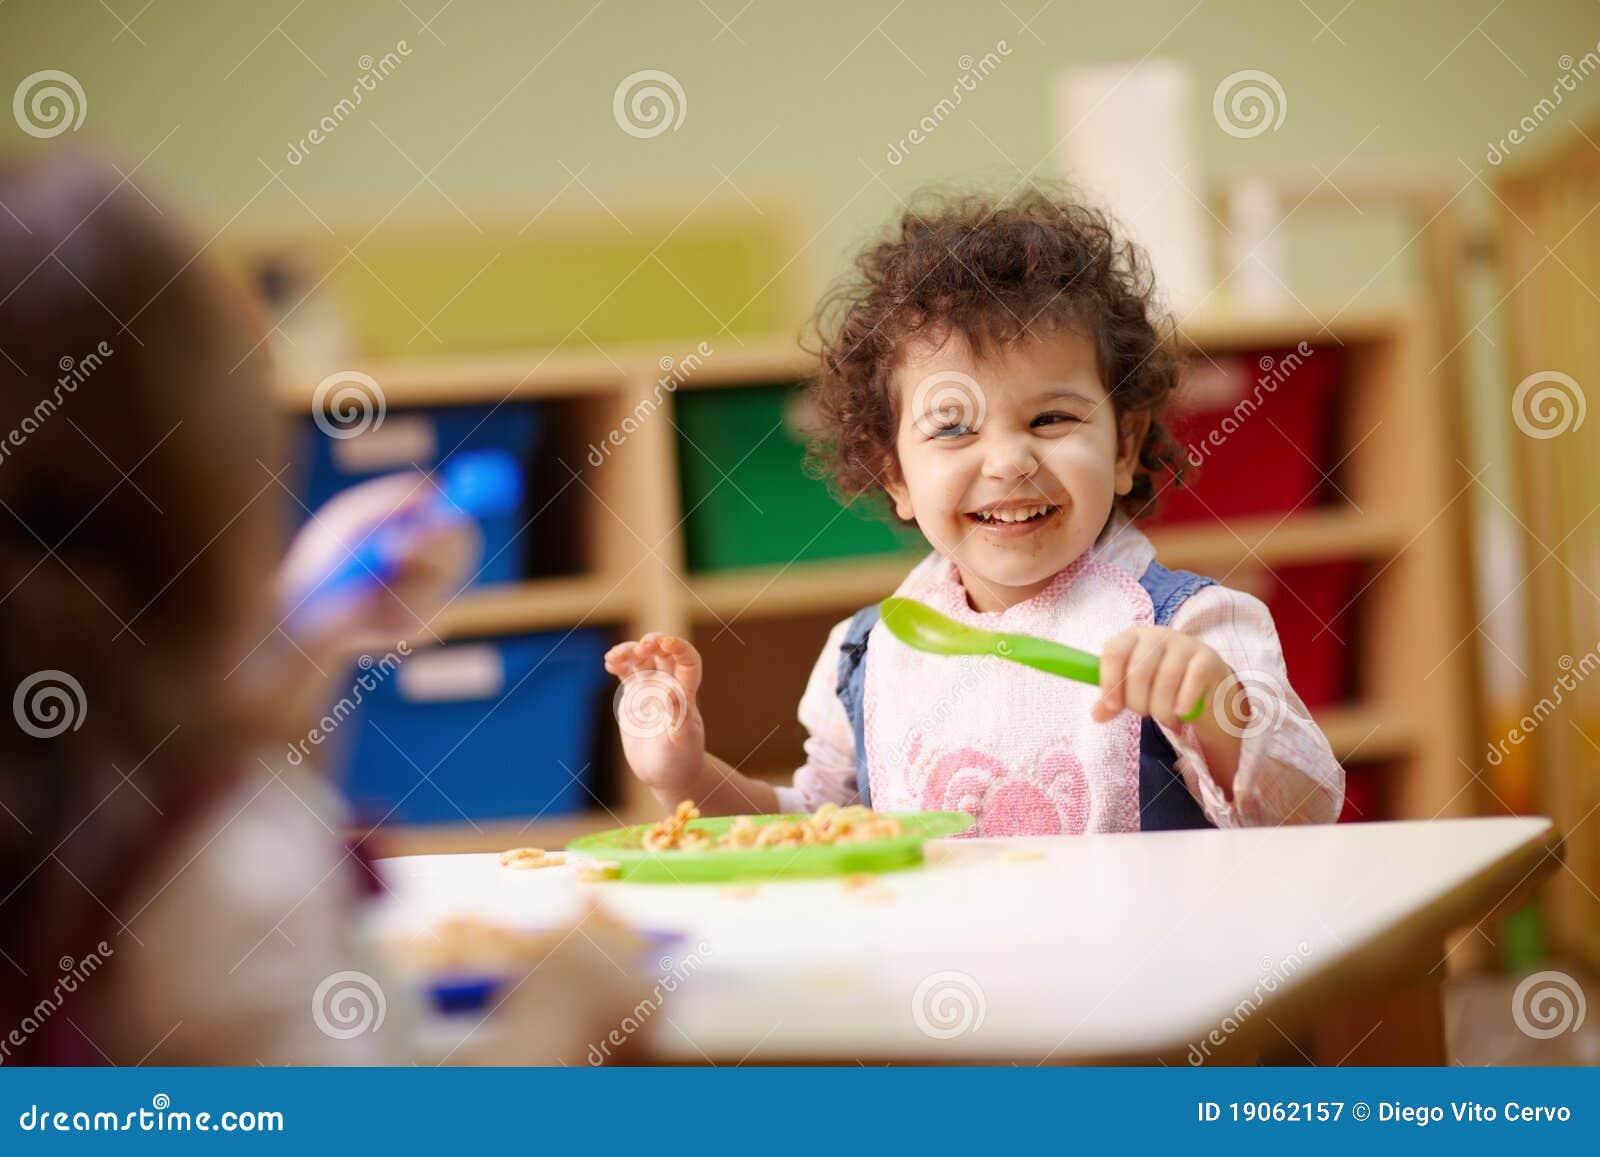 kinder die das mittagessen im kindergarten essen stockbild bild von ausbildung kaukasisch. Black Bedroom Furniture Sets. Home Design Ideas